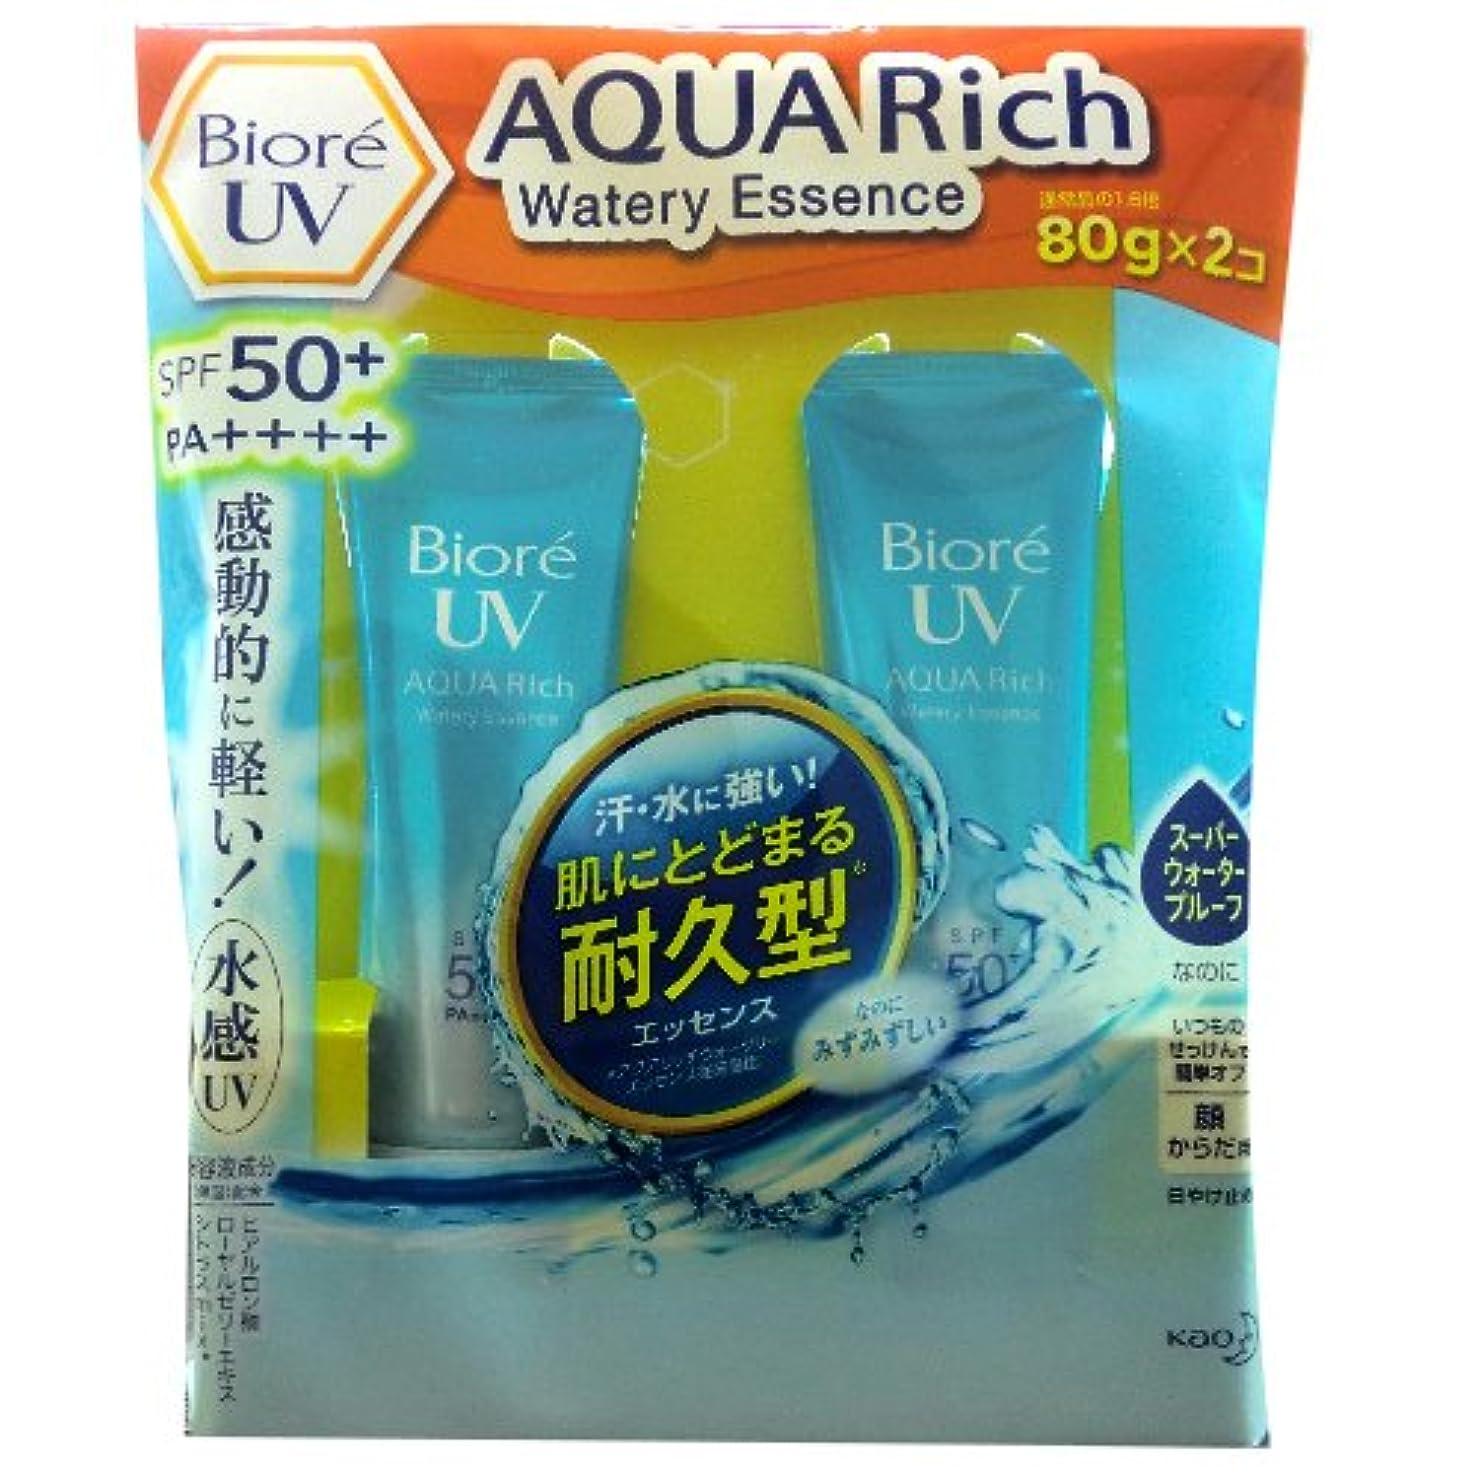 でもフェリー鳥Biore UV AQUA Rich Watery Essence 80g×2コ